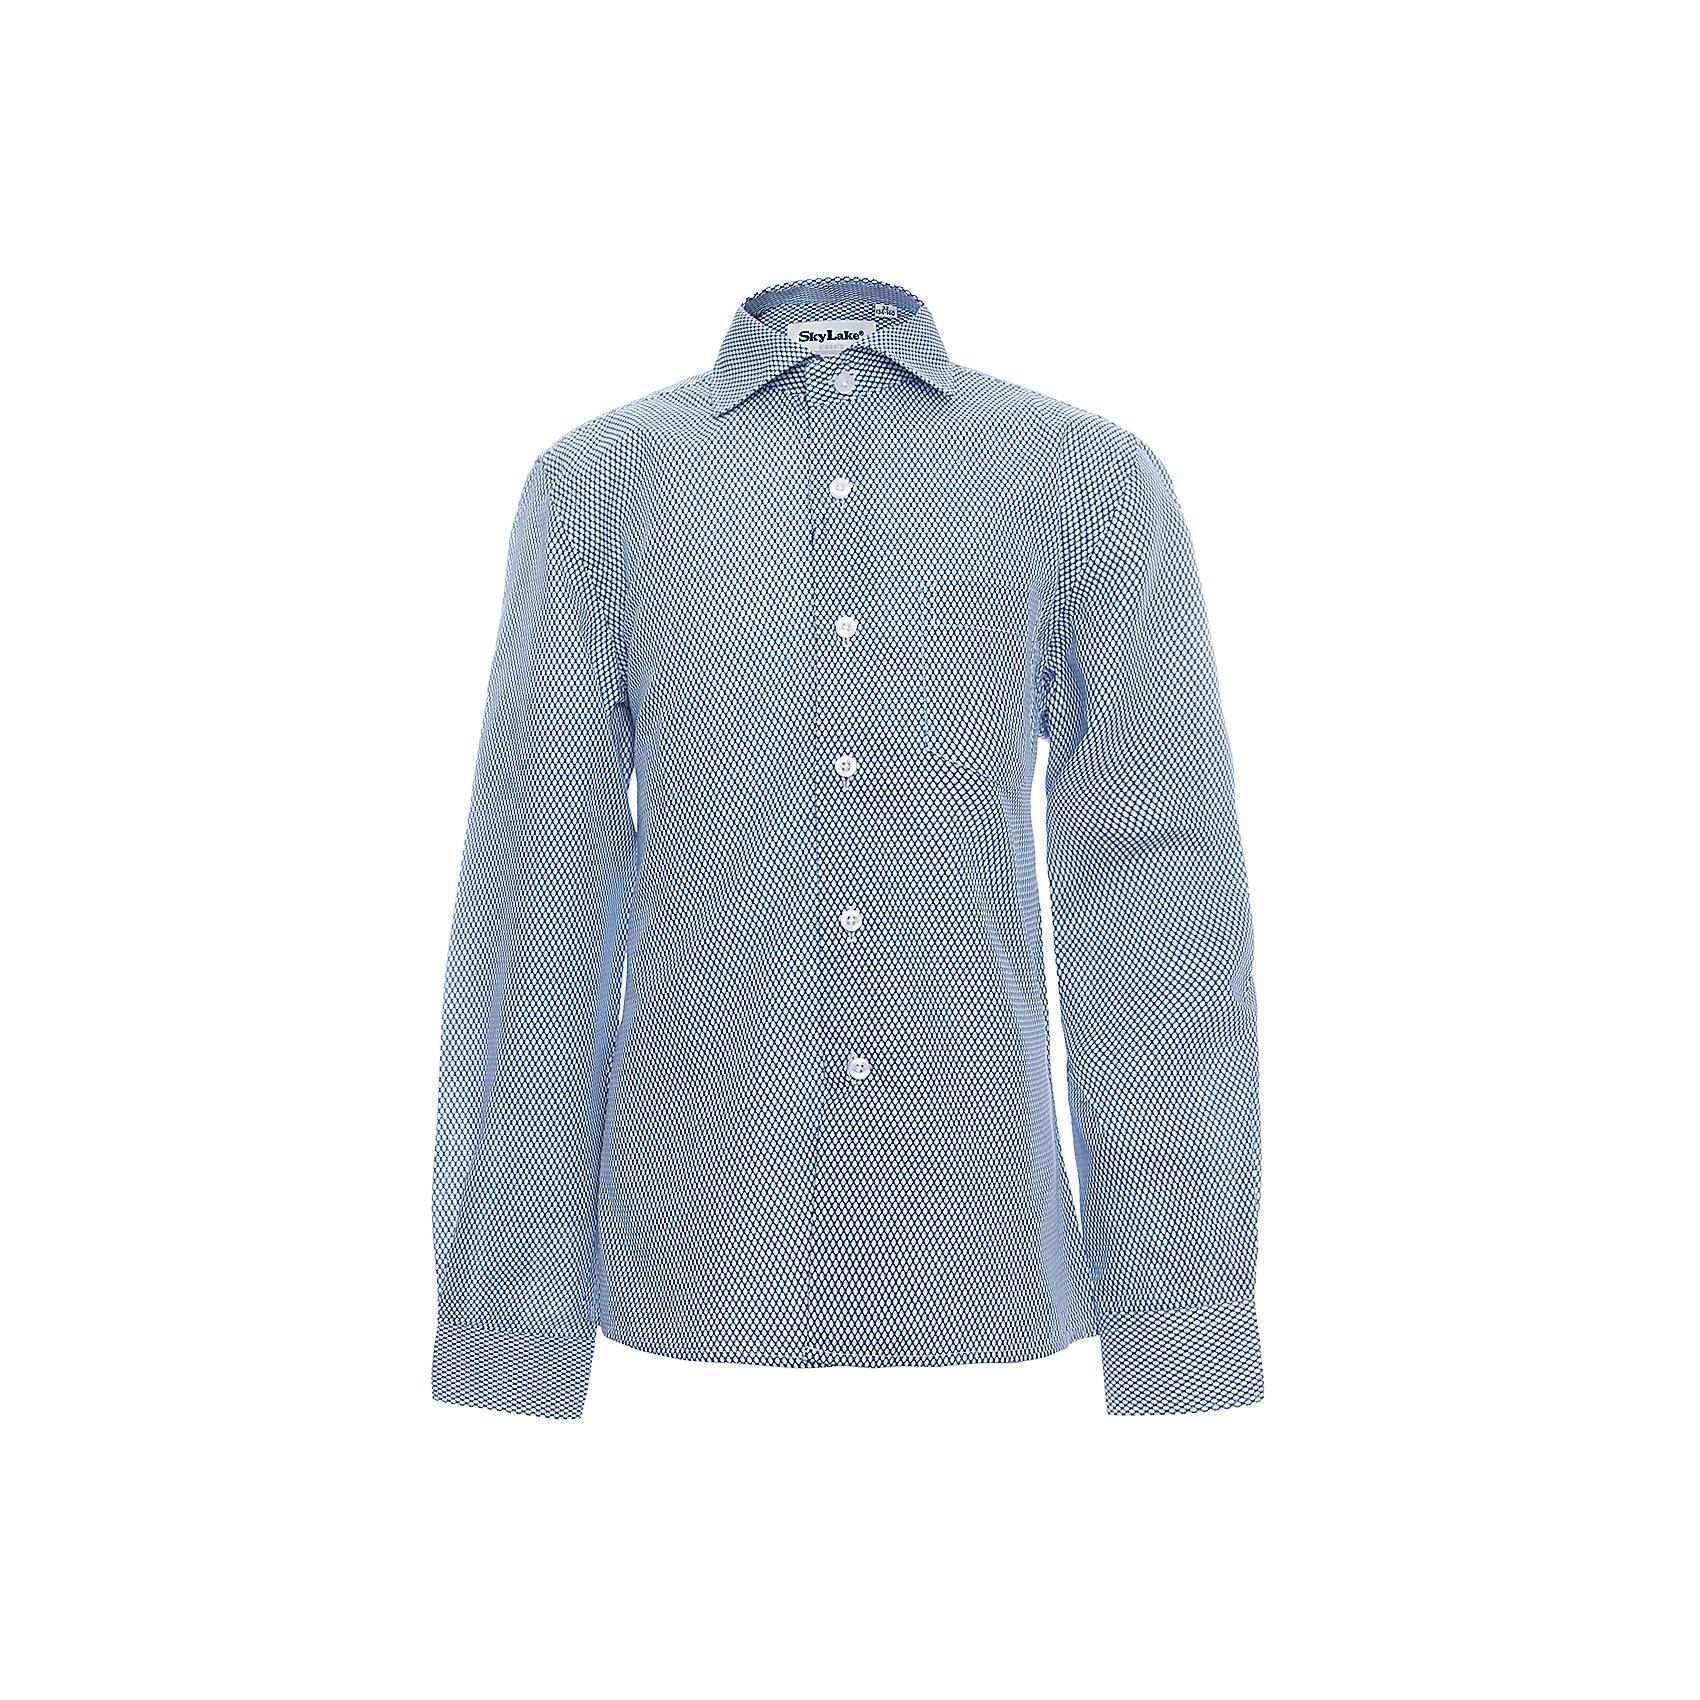 Рубашка CLASSIC SLIM FIT для мальчика SkylakeБлузки и рубашки<br>Сорочка детская для мальчика<br>Состав:<br>80% хлопок, 20% п/э<br><br>Ширина мм: 174<br>Глубина мм: 10<br>Высота мм: 169<br>Вес г: 157<br>Цвет: голубой<br>Возраст от месяцев: 72<br>Возраст до месяцев: 84<br>Пол: Мужской<br>Возраст: Детский<br>Размер: 122,158,128,134,140,146,152<br>SKU: 6772769